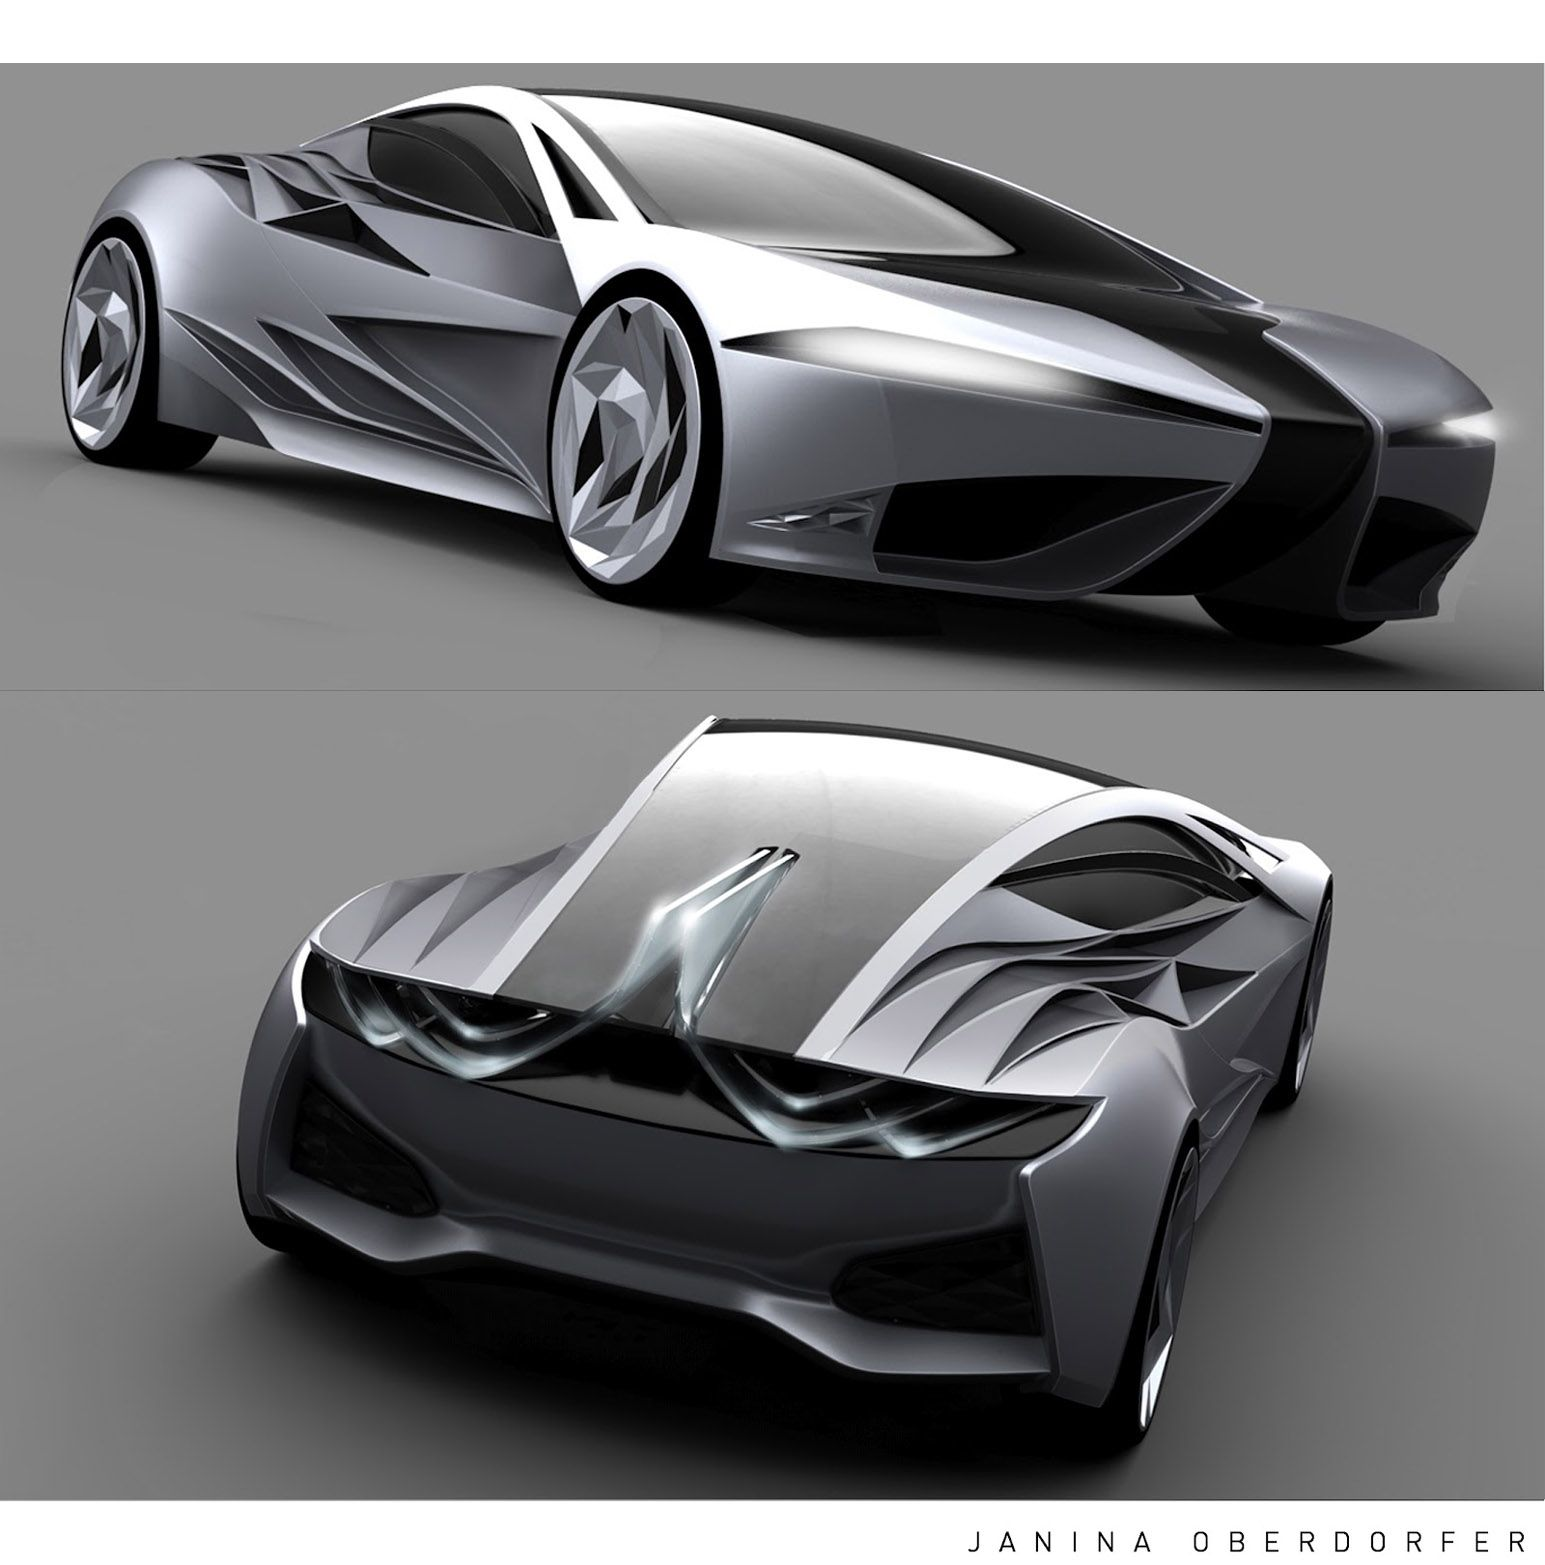 voiture janina oberdorfer concept design voiture de sport pin. Black Bedroom Furniture Sets. Home Design Ideas